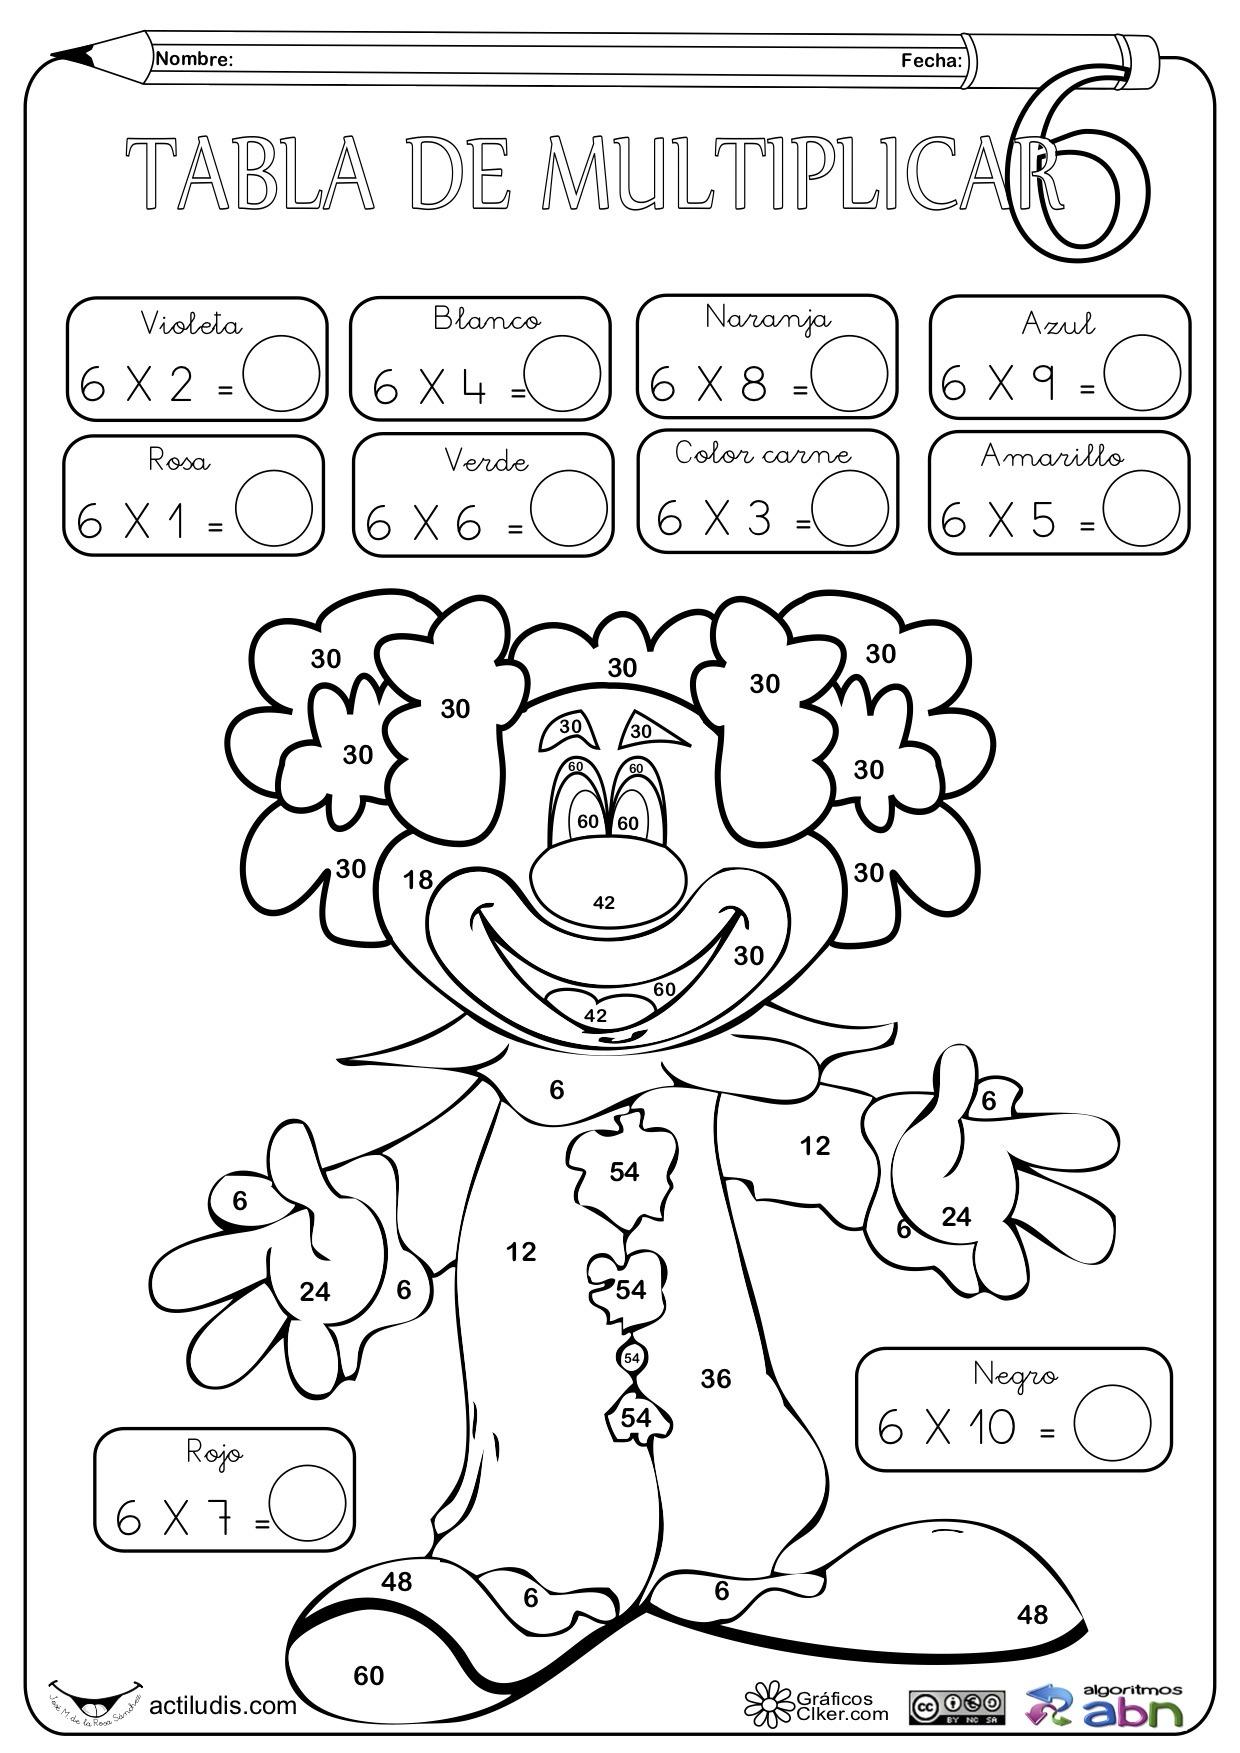 Dibujos De Tablas De Multiplicar Para Colorear Juegos Gratis